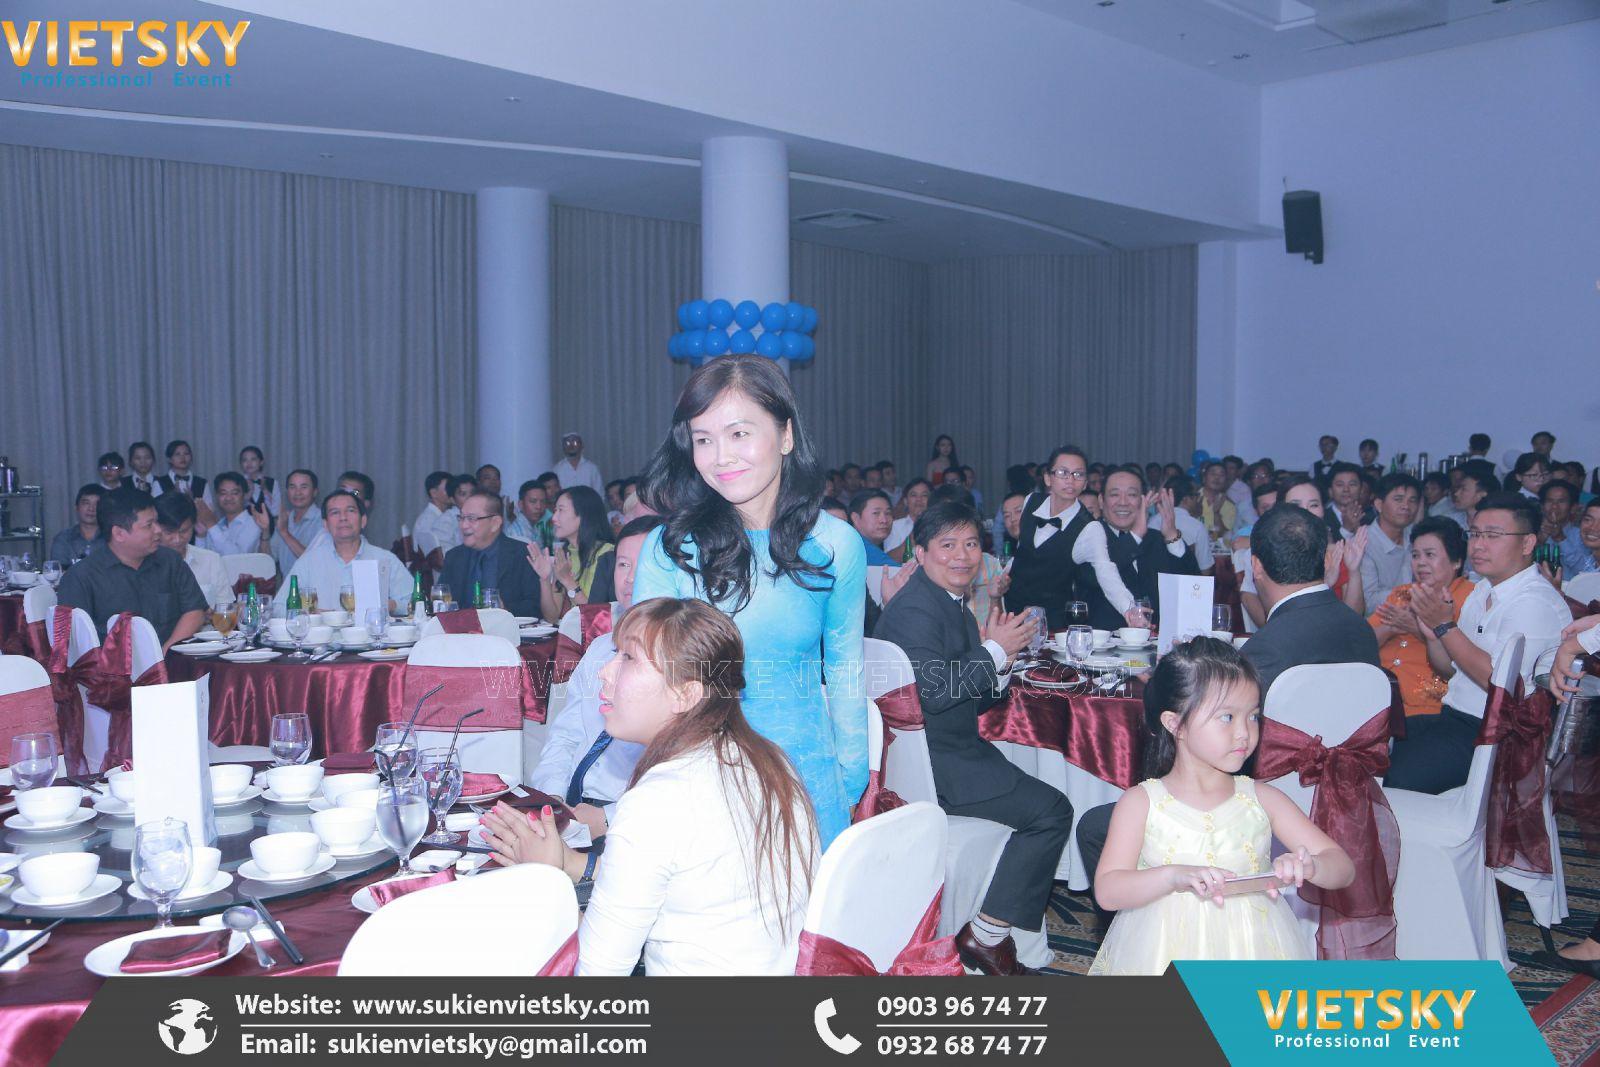 dịch vụ tổ chức lễ kỷ niệm tại hcmdịch vụ tổ chức lễ kỷ niệm tại bình phước